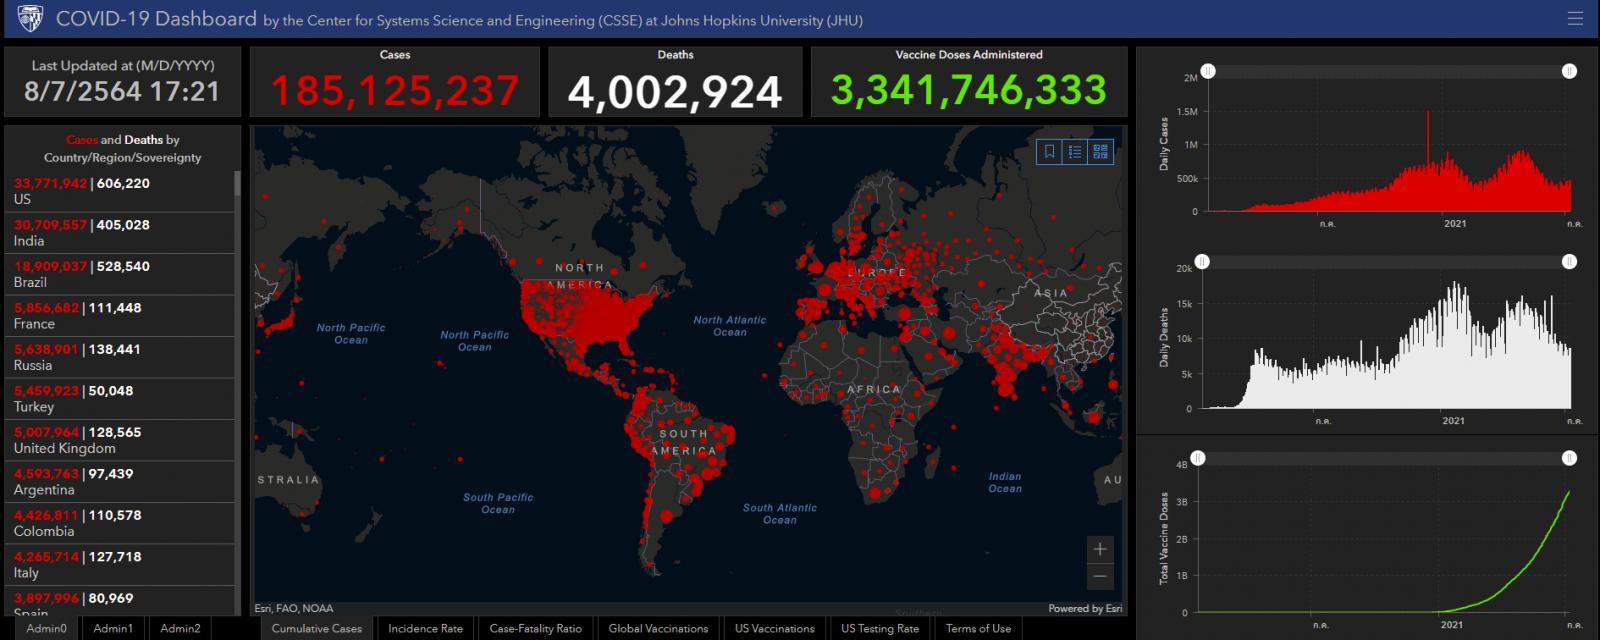 โควิด-19 คร่าชีวิตทั่วโลก 4 ล้านคน สายพันธุ์เดลตาแพร่ 100 ประเทศ